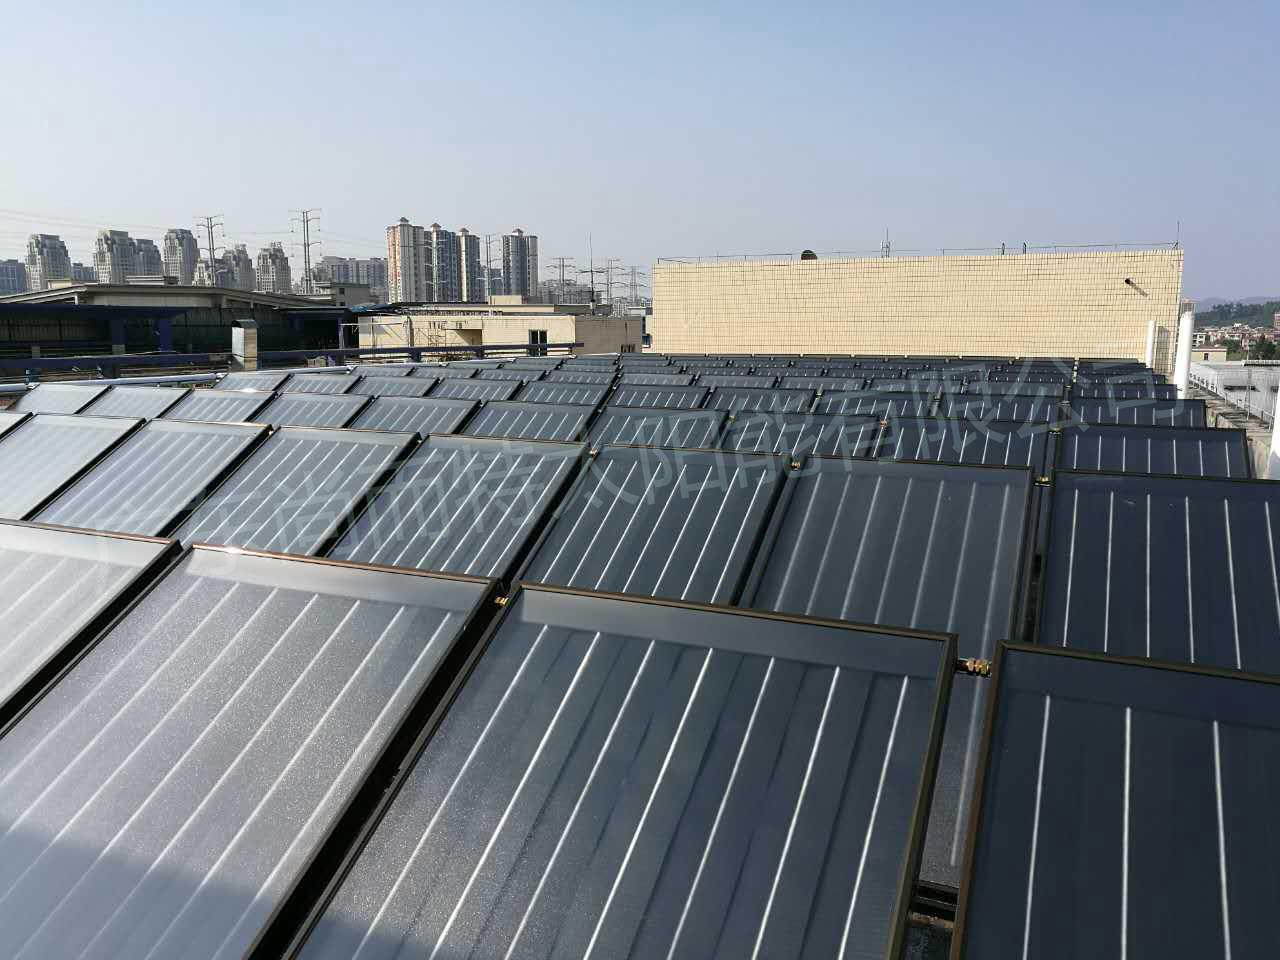 平板太阳能 太阳能热水器 太阳能热水工程板